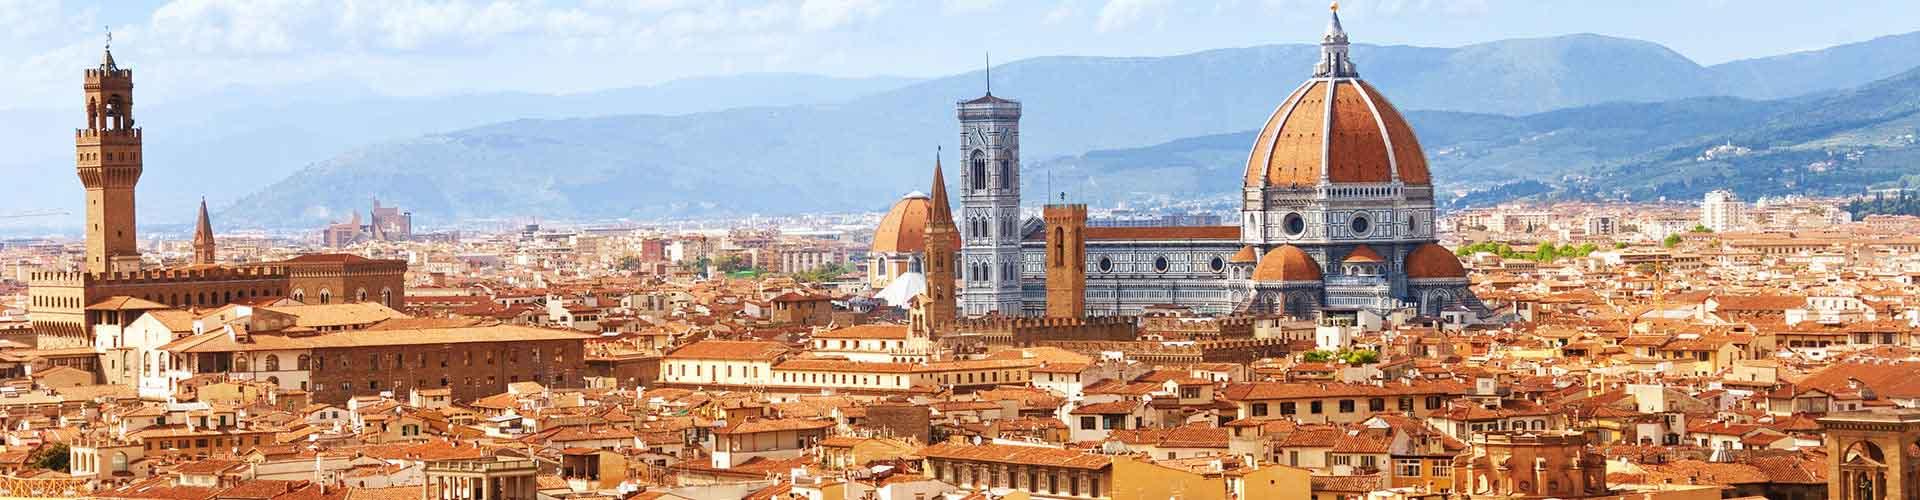 Florencja - Hostele w mieście: Florencja, Mapy: Florencja, Zdjęcia i Recenzje dla każdego hostelu w mieście Florencja.